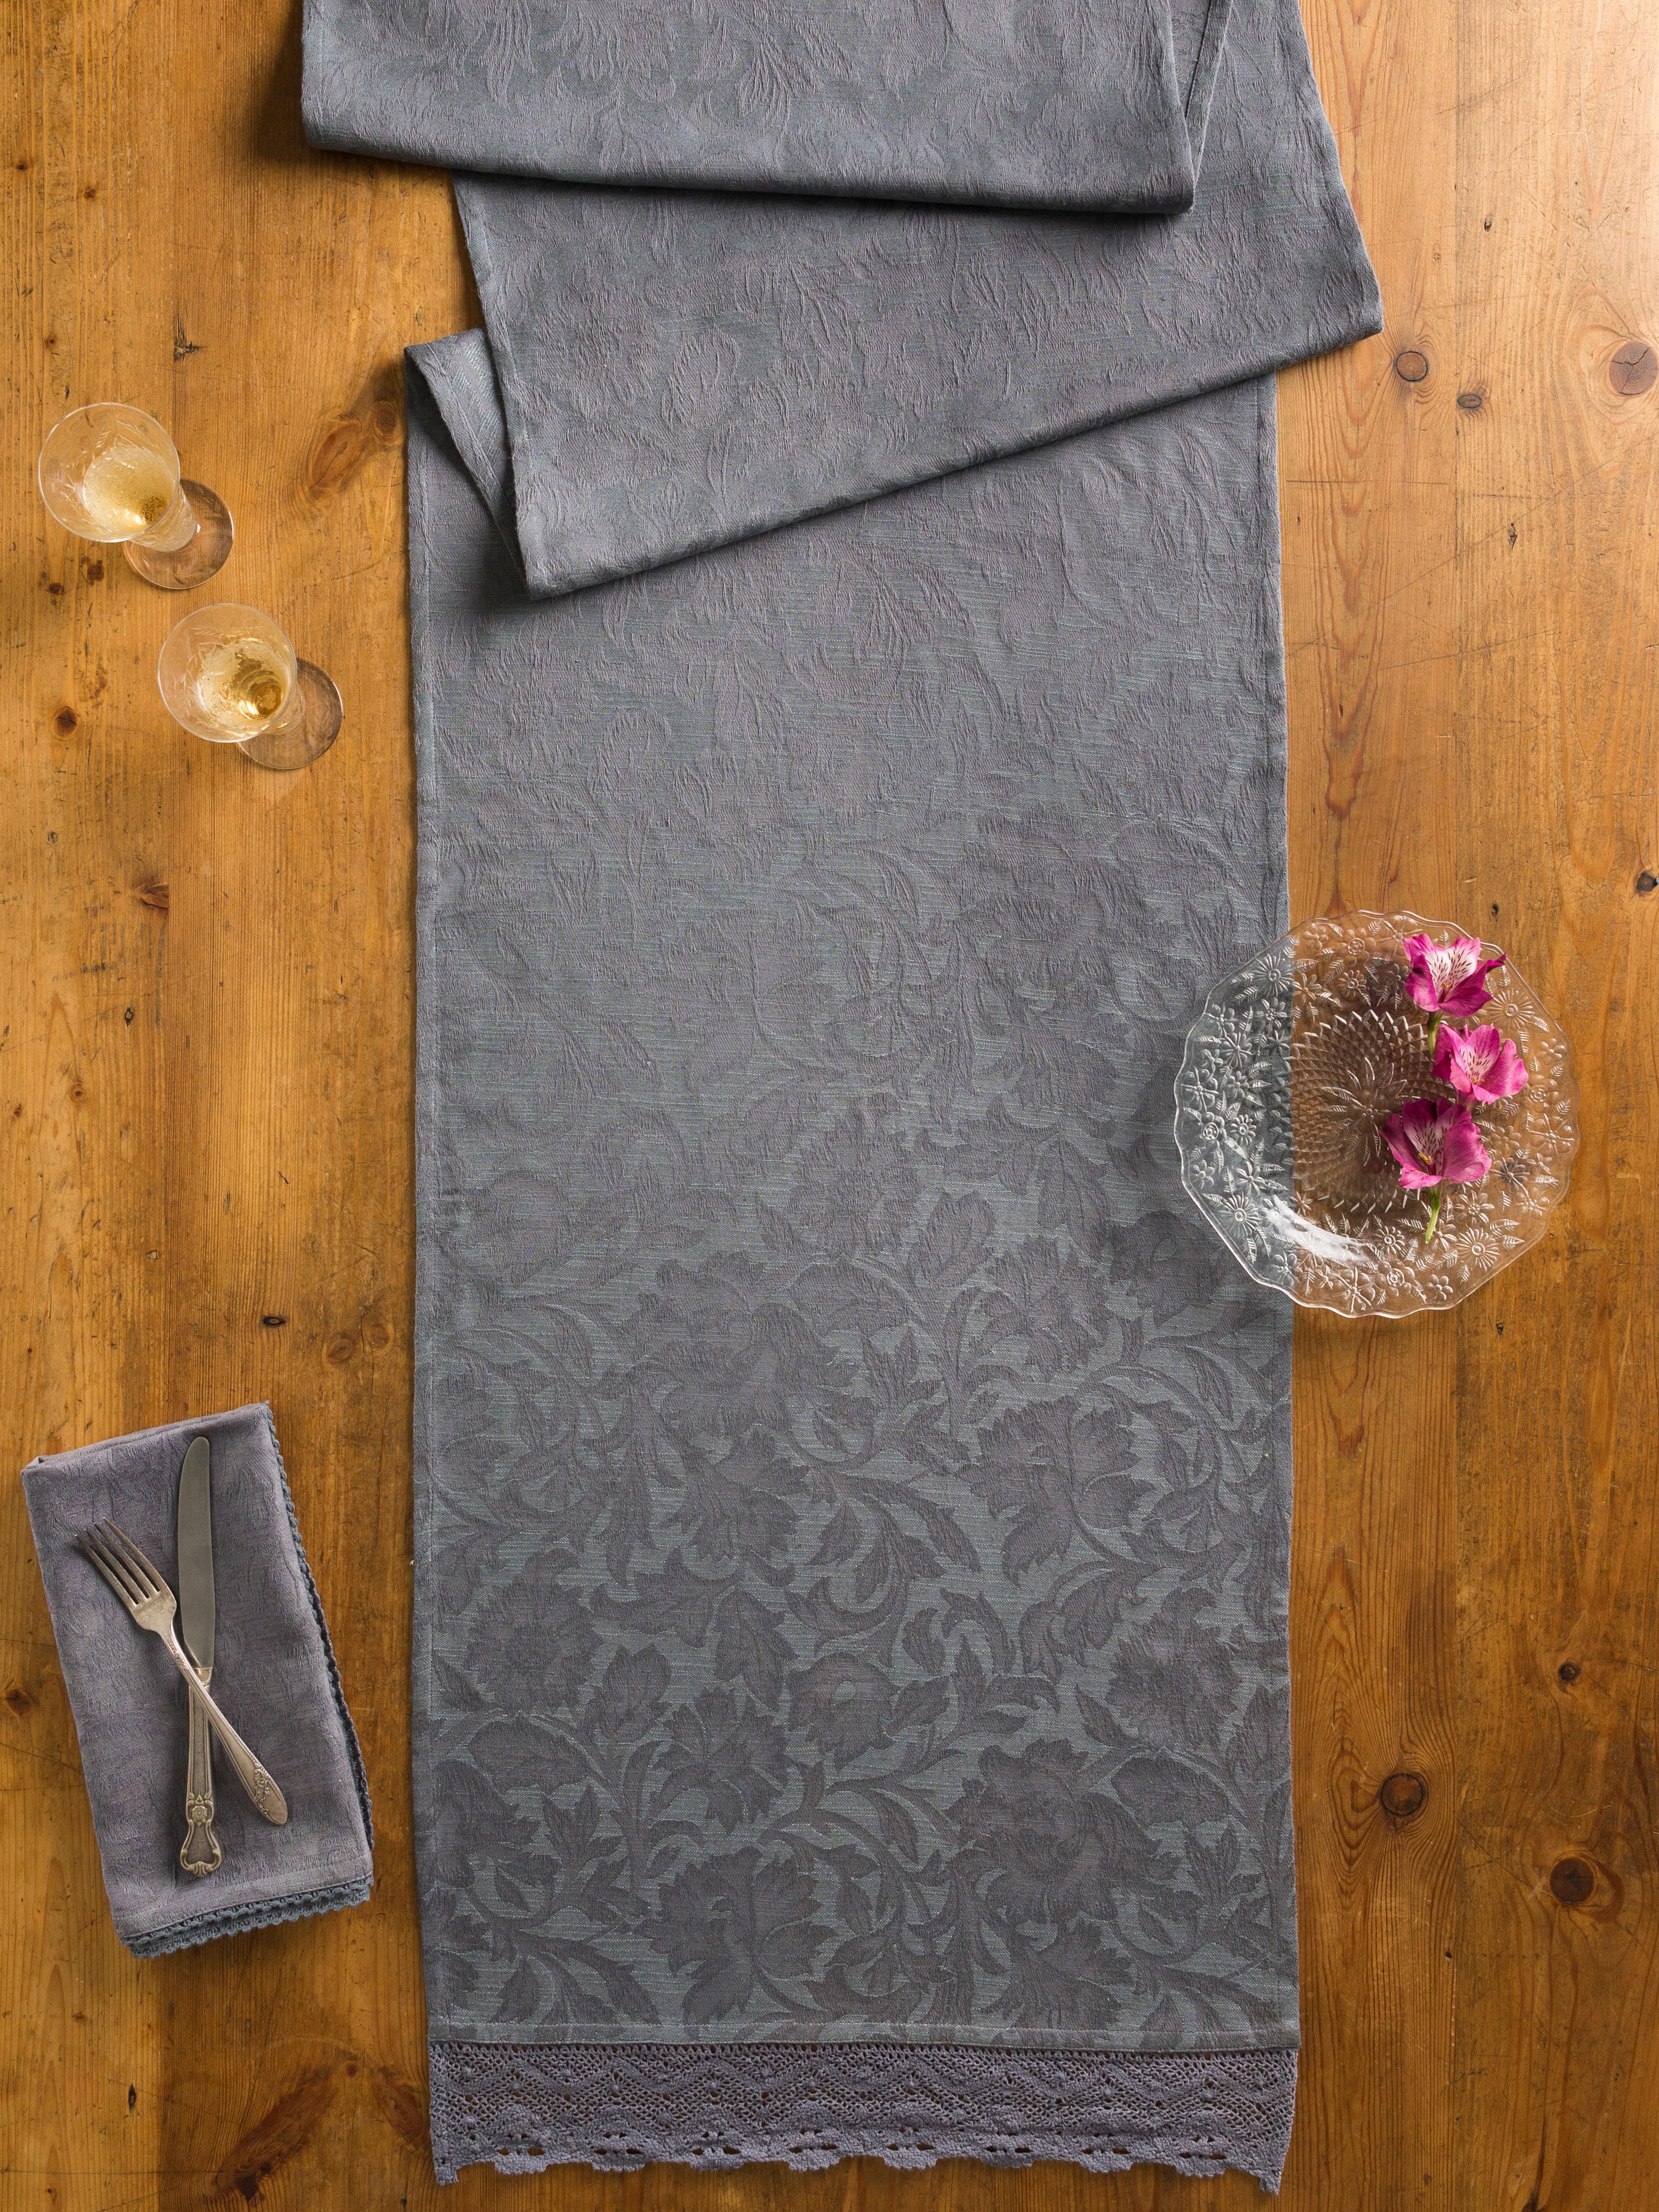 Luxurious Linen Jacquard Runner - Charcoal